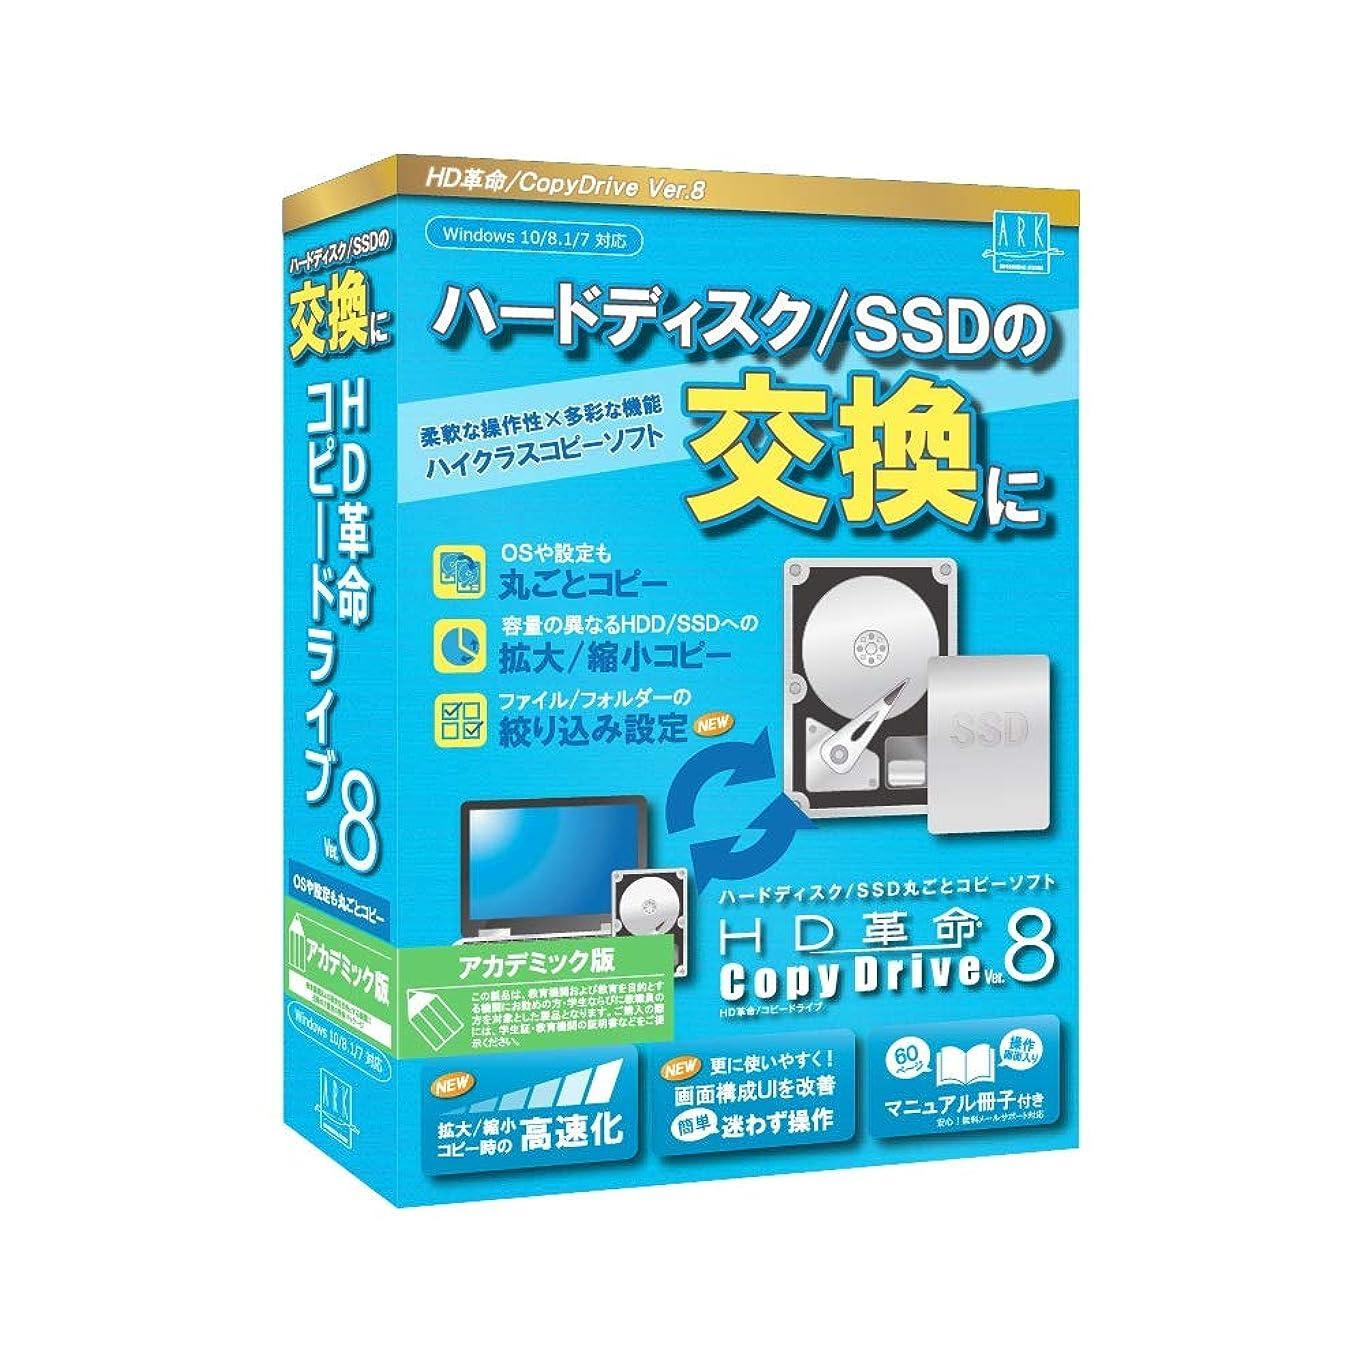 危険を冒します緊張するフリッパー【最新版】HD革命/CopyDrive_Ver.8_アカデミック版 ハードディスク SSD 入れ替え 交換 まるごとコピーソフト コピードライブ